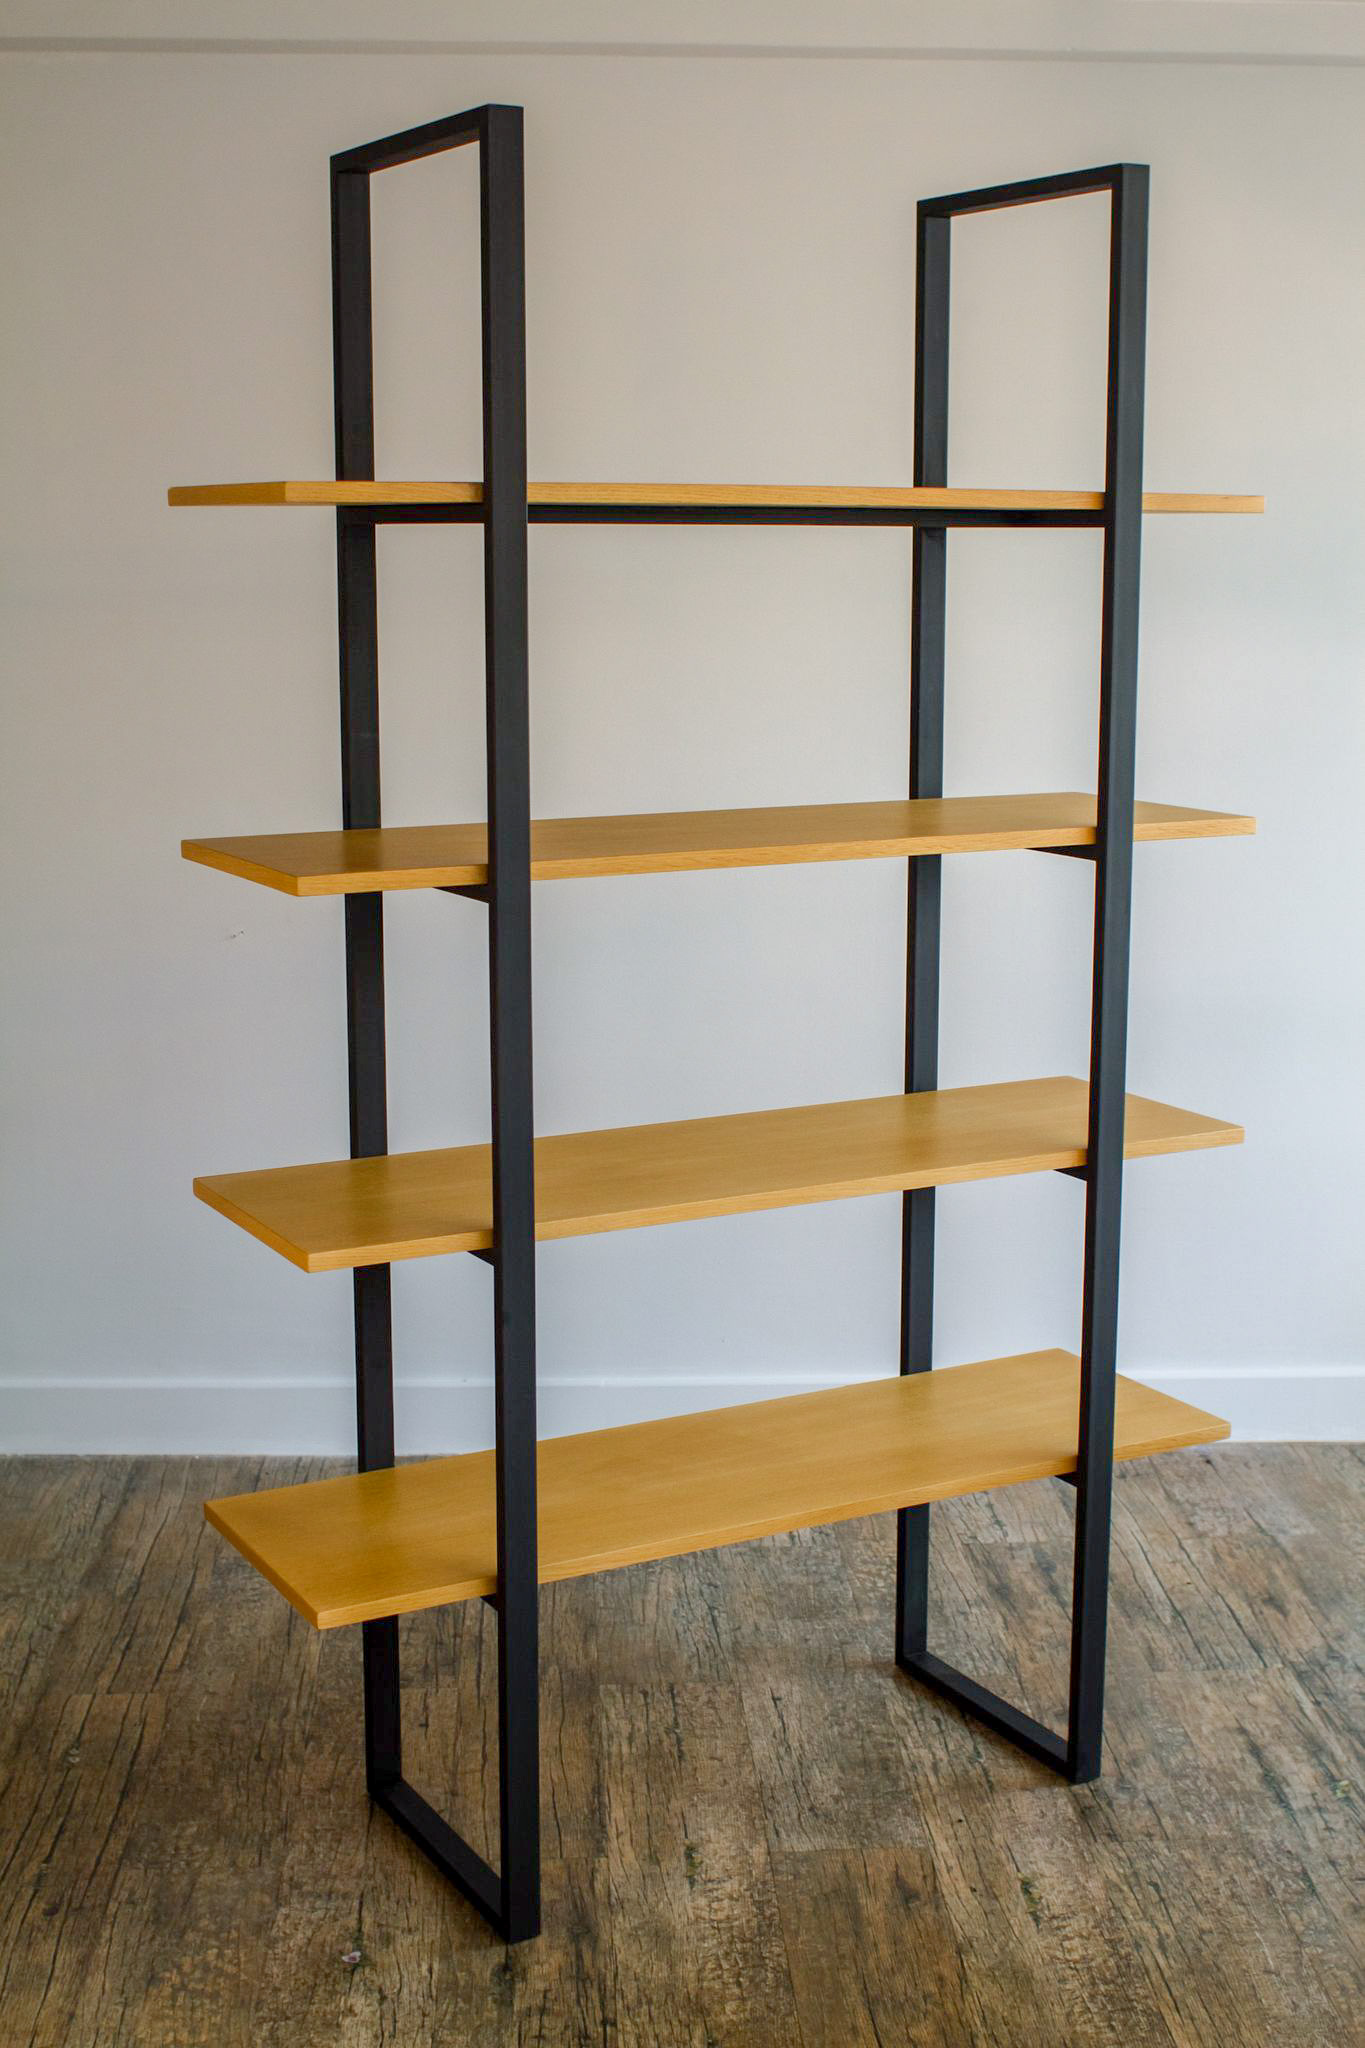 Χειροποίητη Ξύλινη Βιβλιοθήκη ελληνικής παραγωγής από μέταλλο και ξύλο.